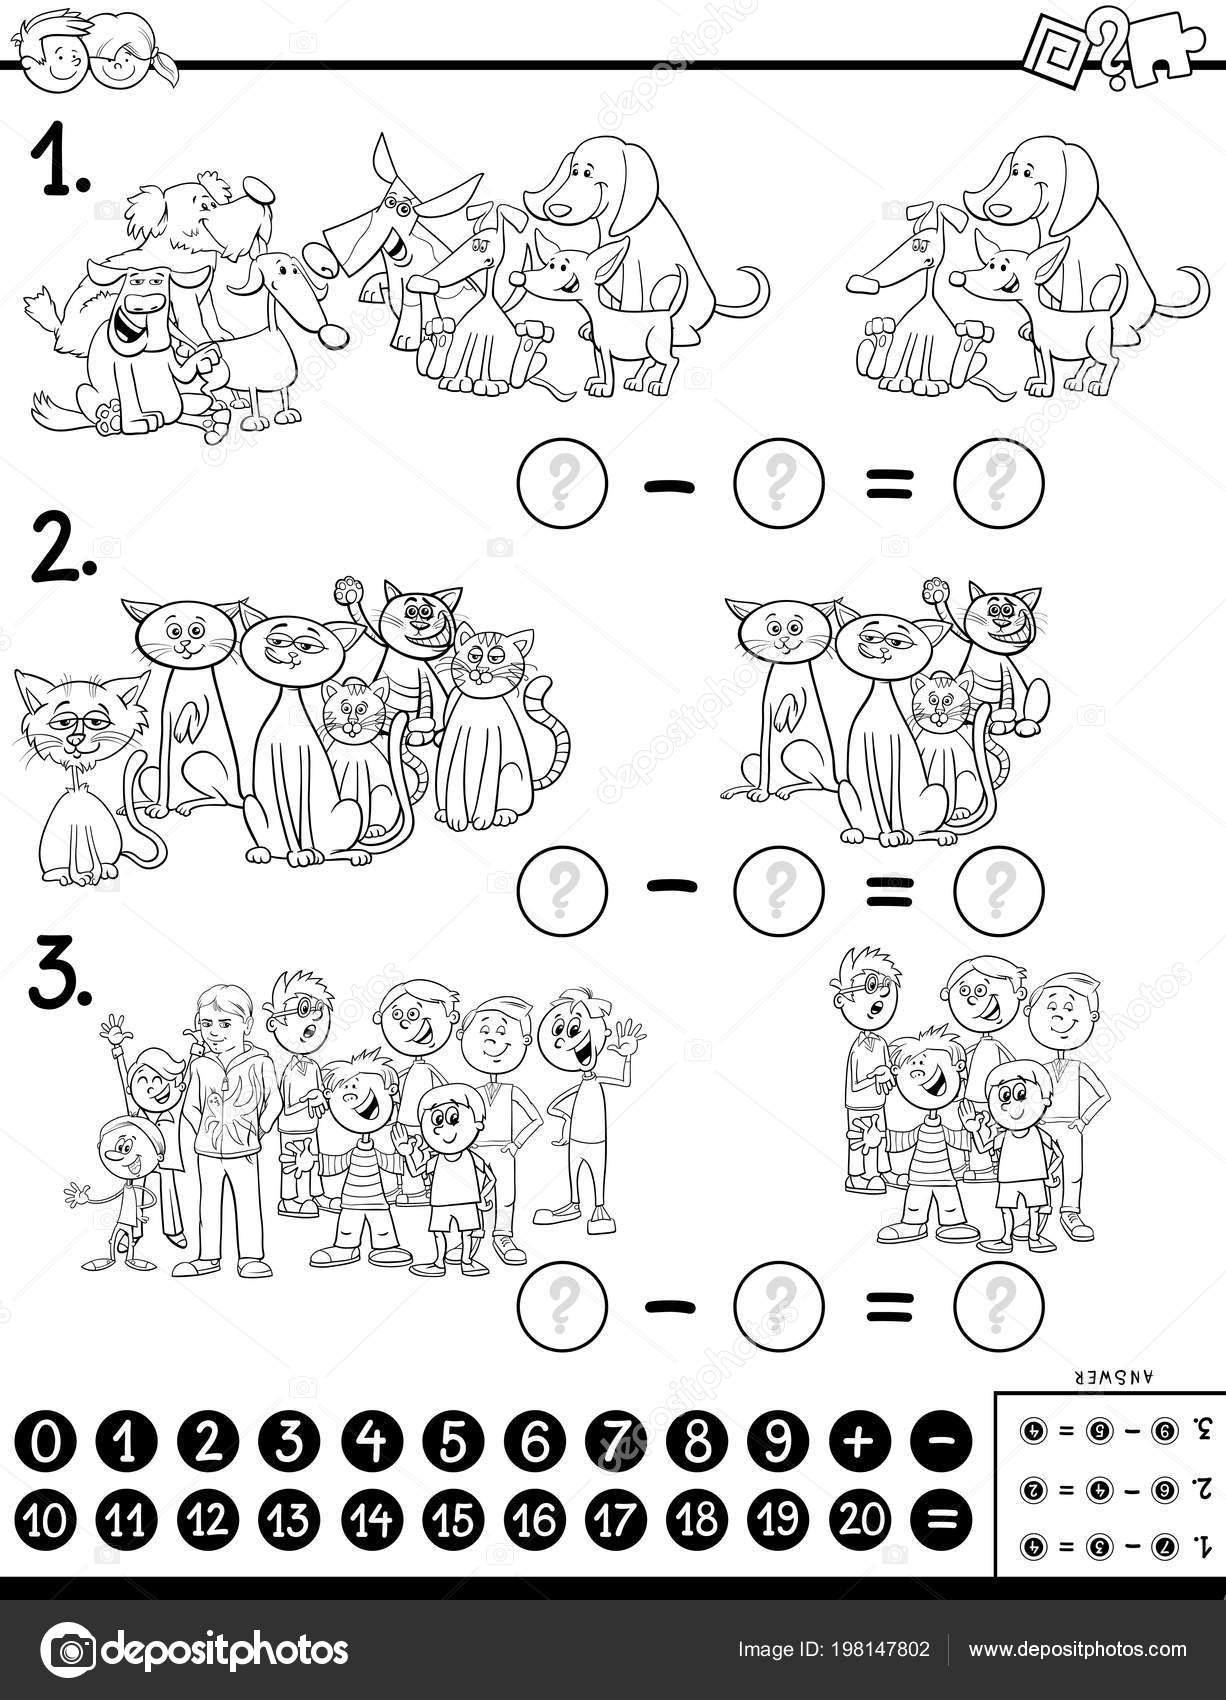 Black White Cartoon Illustration Educational Mathematical